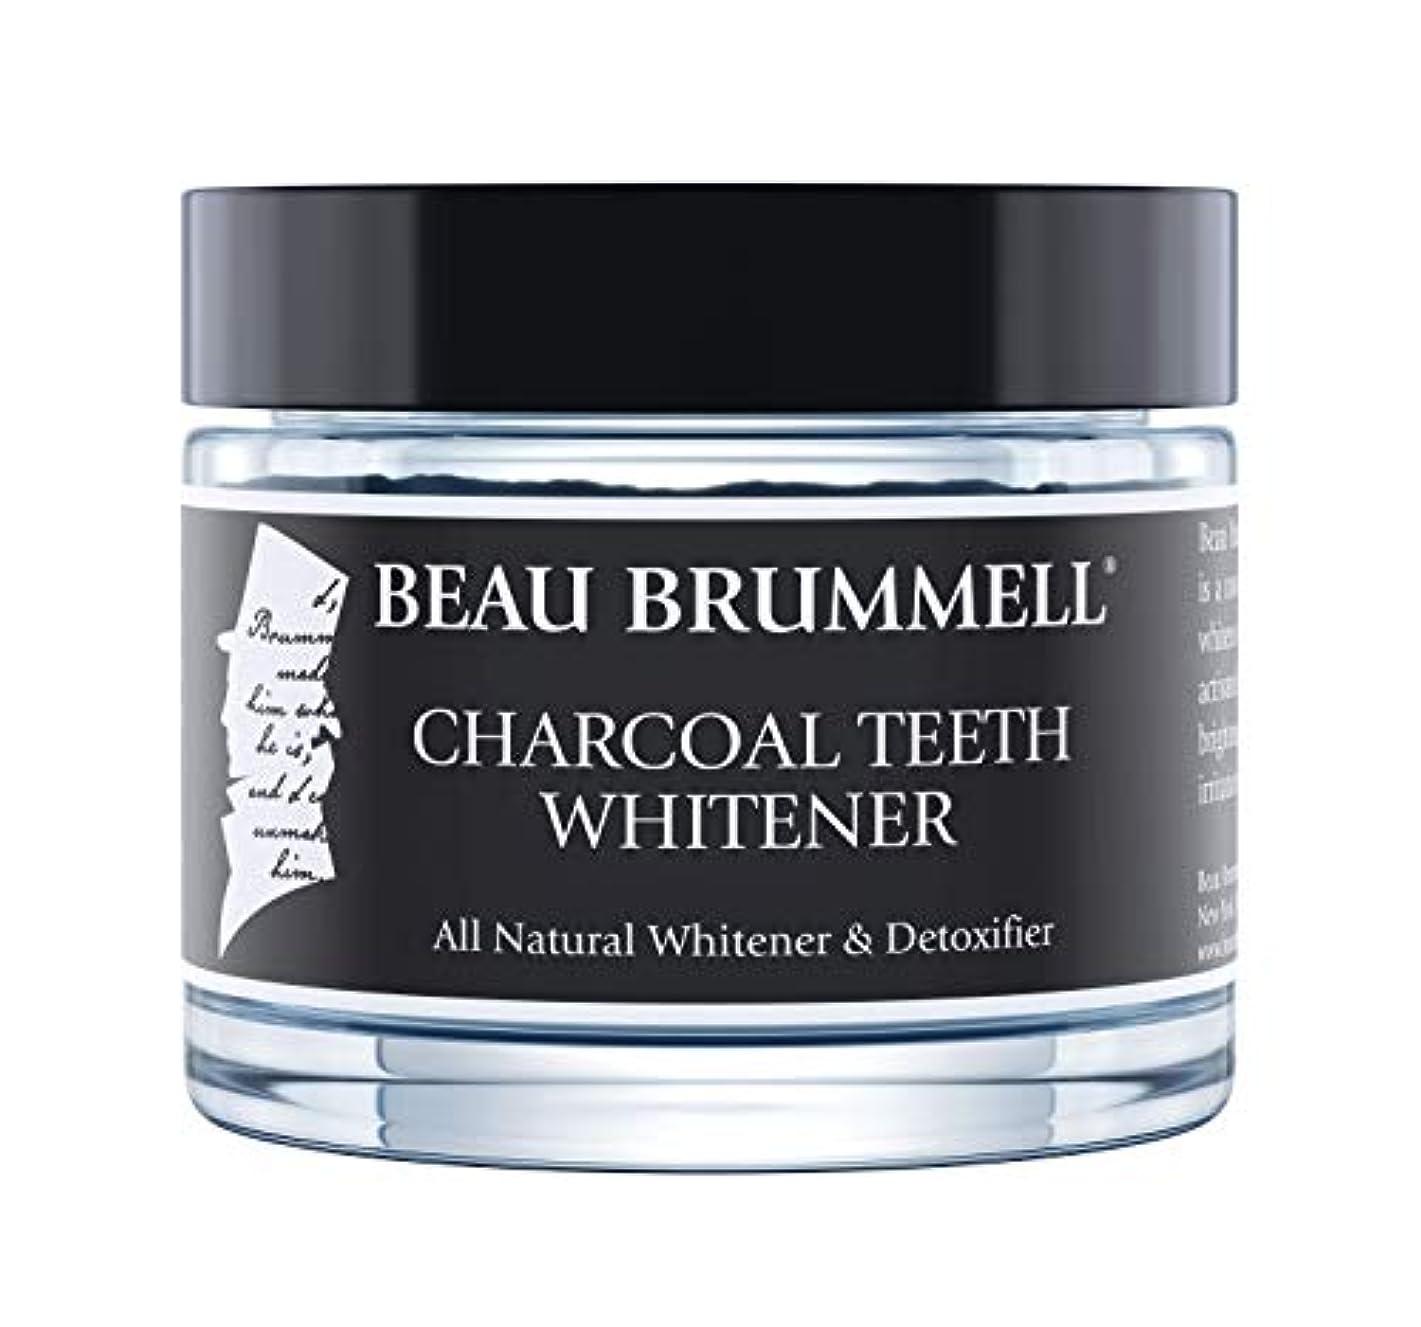 トリッキー幸福注意Beau Brummell チャコール歯ナーナチュラル炭オーガニックココナッツ炭グレードホワイトニングパウダーを活性化